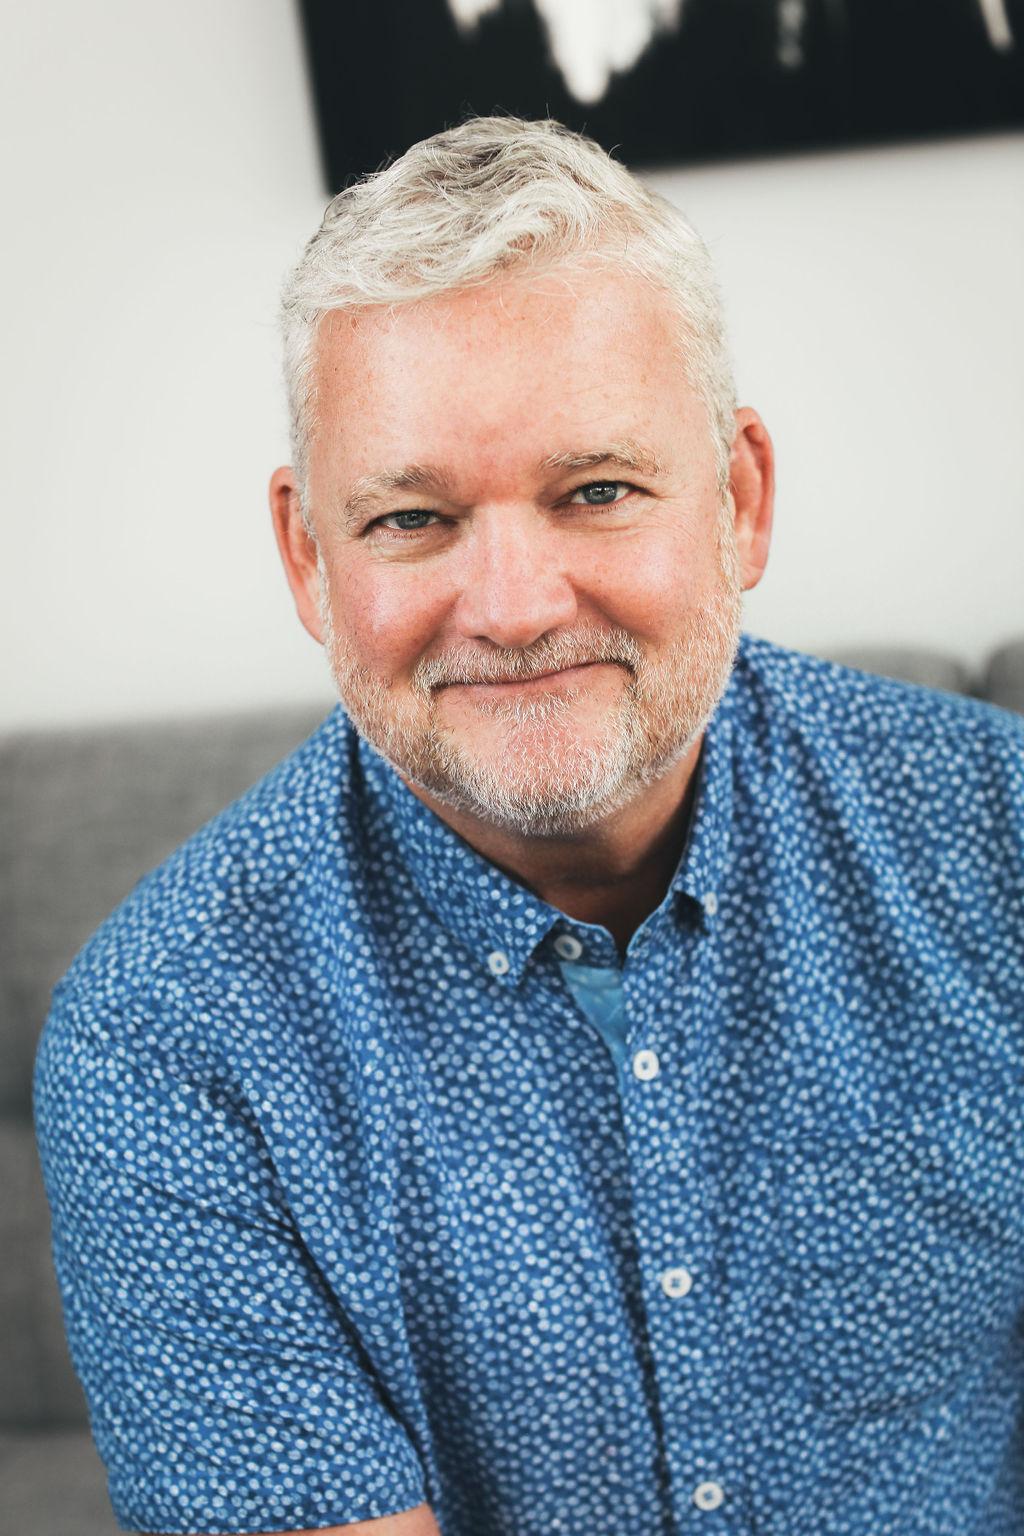 Mark McPeak